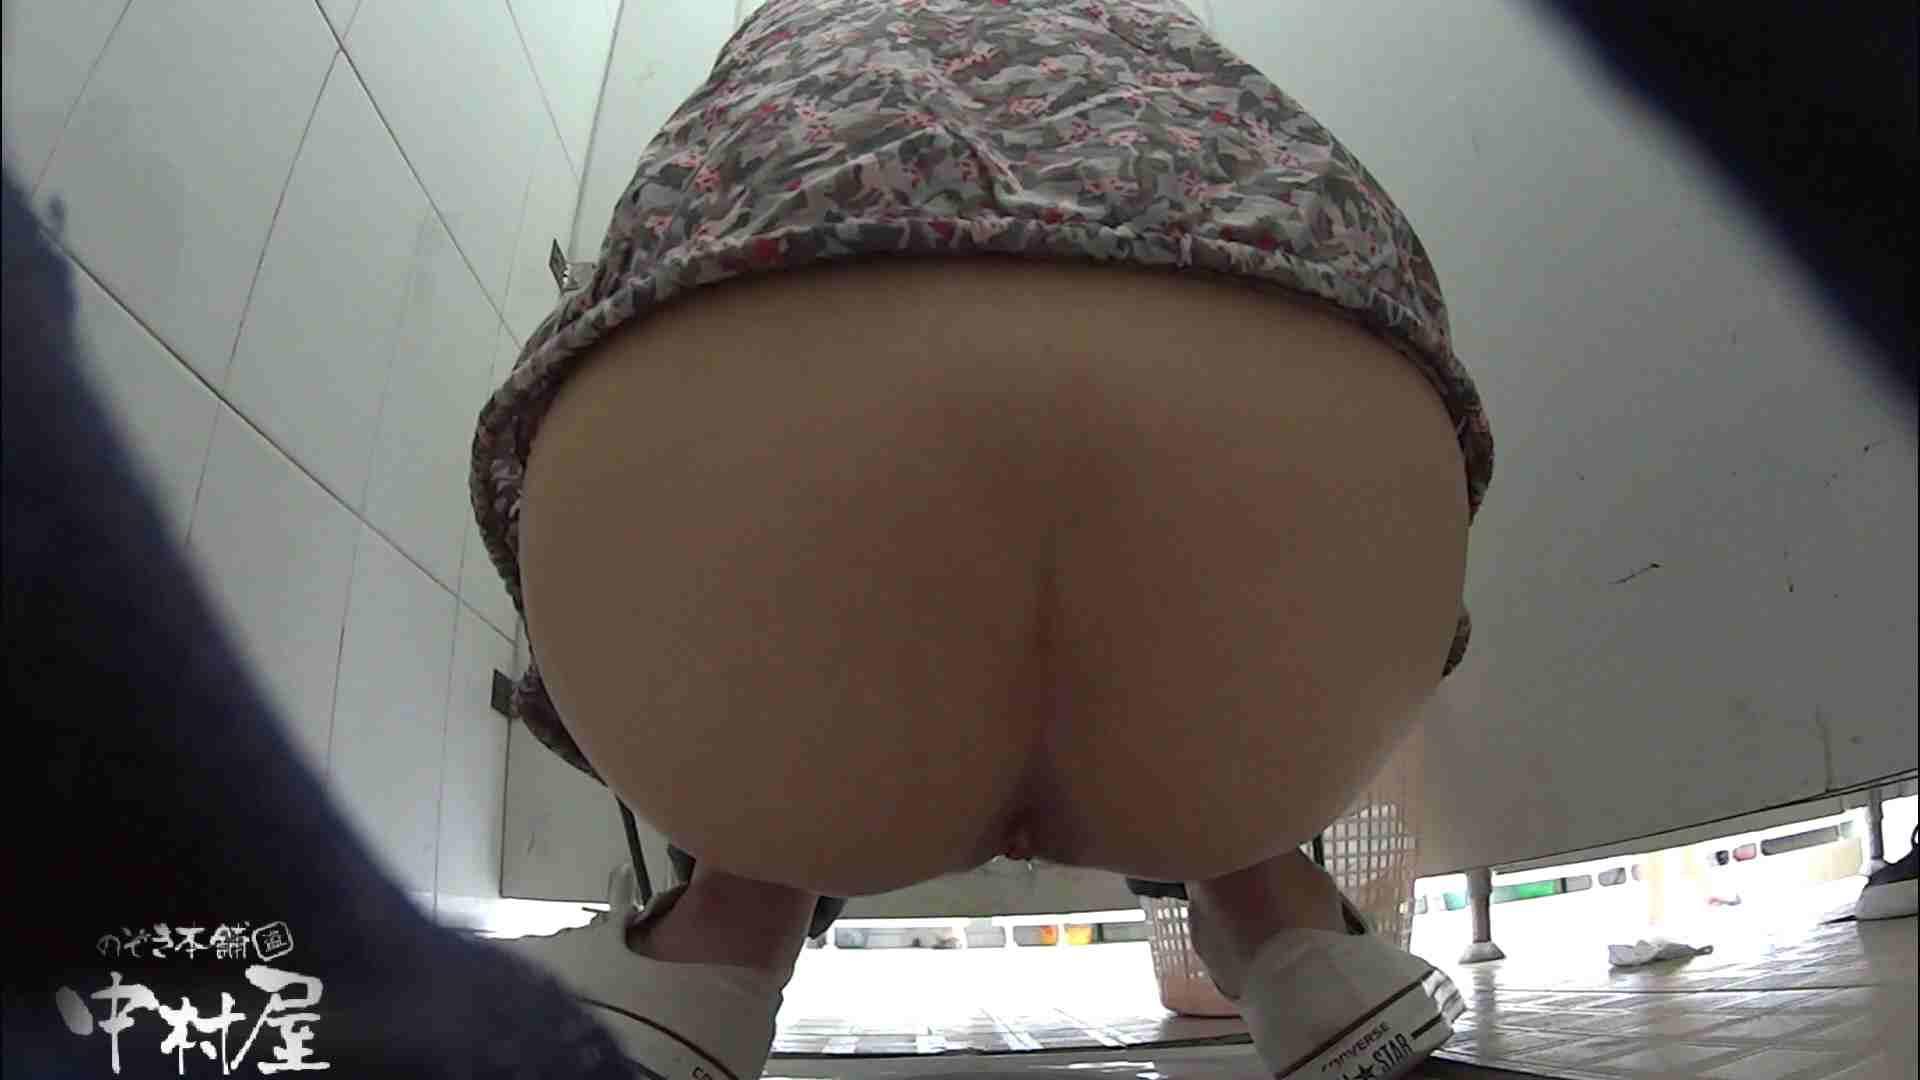 名大学休憩時間の洗面所事情01 お姉さん丸裸 ワレメ動画紹介 95pic 59